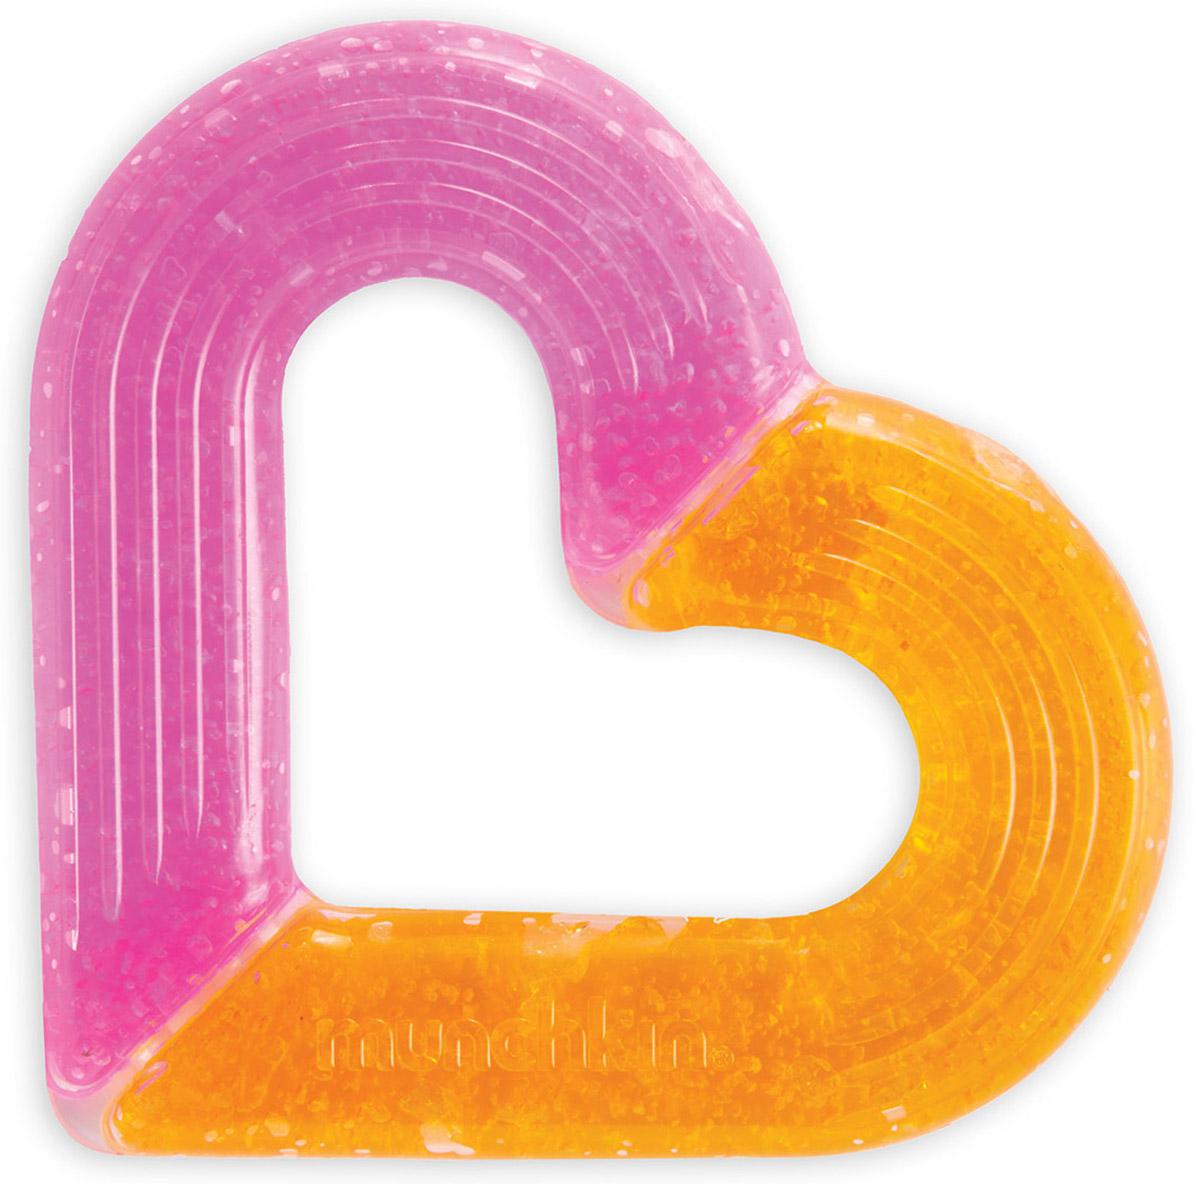 Munchkin Прорезыватель Сердечко цвет розовый оранжевый12323_розовый, оранжевыйПрорезыватель Munchkin Сердечко прекрасно подойдет малышу в период появления первых зубов. Прорезыватель Сердечко с гелем внутри можно охладить в холодильнике, благодаря чему он быстрее снимет боль и облегчит самочувствие малыша в период прорезывания зубов. Прорезыватель обеспечивает мягкое давление и стимулирует десны, когда начинают резаться зубы. Нежная текстурированная поверхность массирует десны и приятна для жевания. Размер прорезывателя удобен для маленьких рук. Изготовлен из прочного безопасного материала. Не содержит бисфенол А и поливинилхлорид.